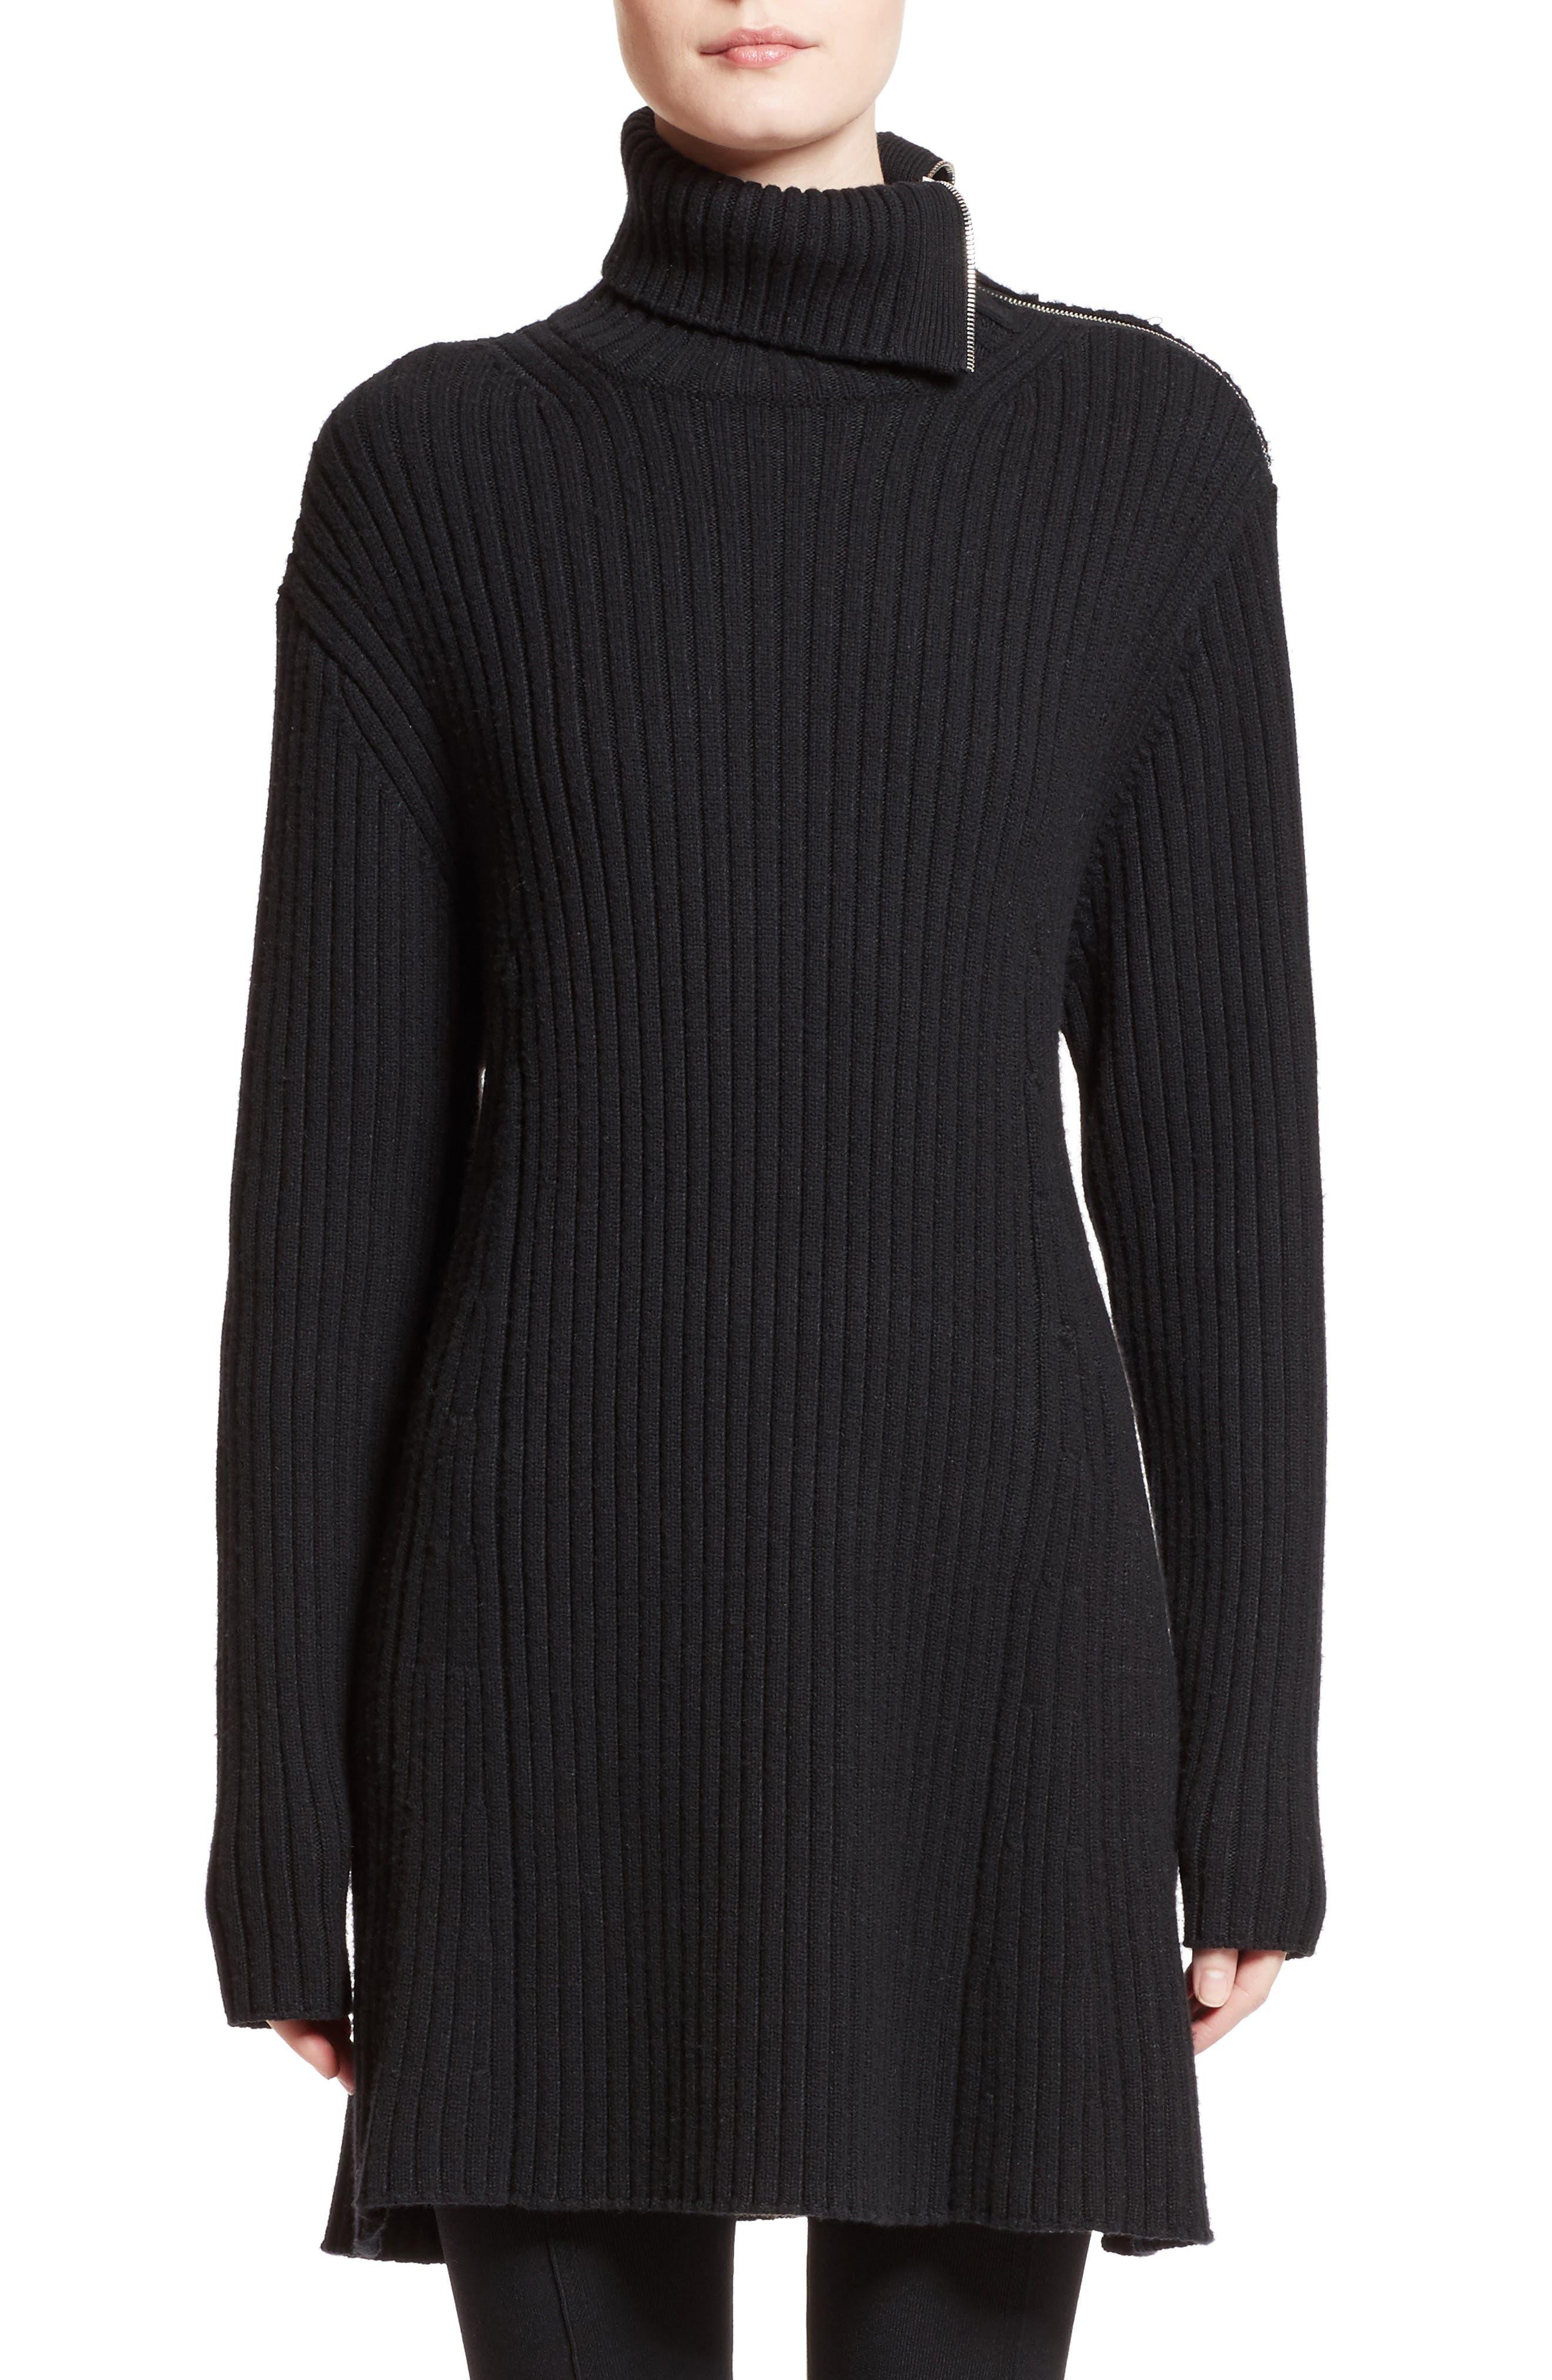 Wool & Cashmere Blend Turtleneck Dress,                         Main,                         color, 001